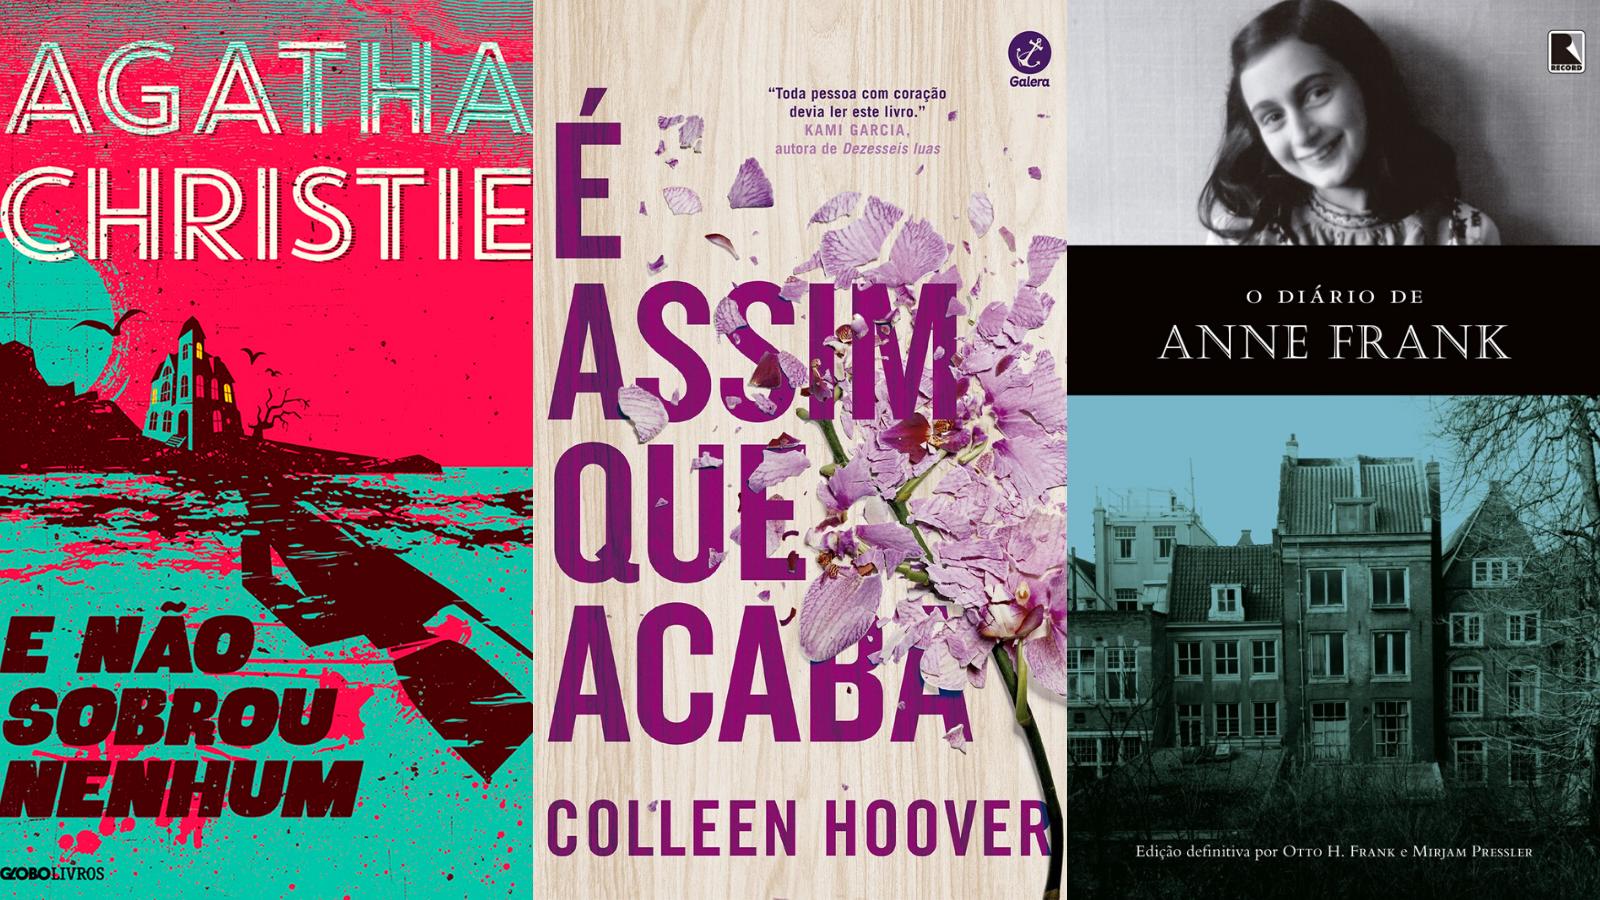 Lista conta com obras de Agatha Christie e Anne Frank